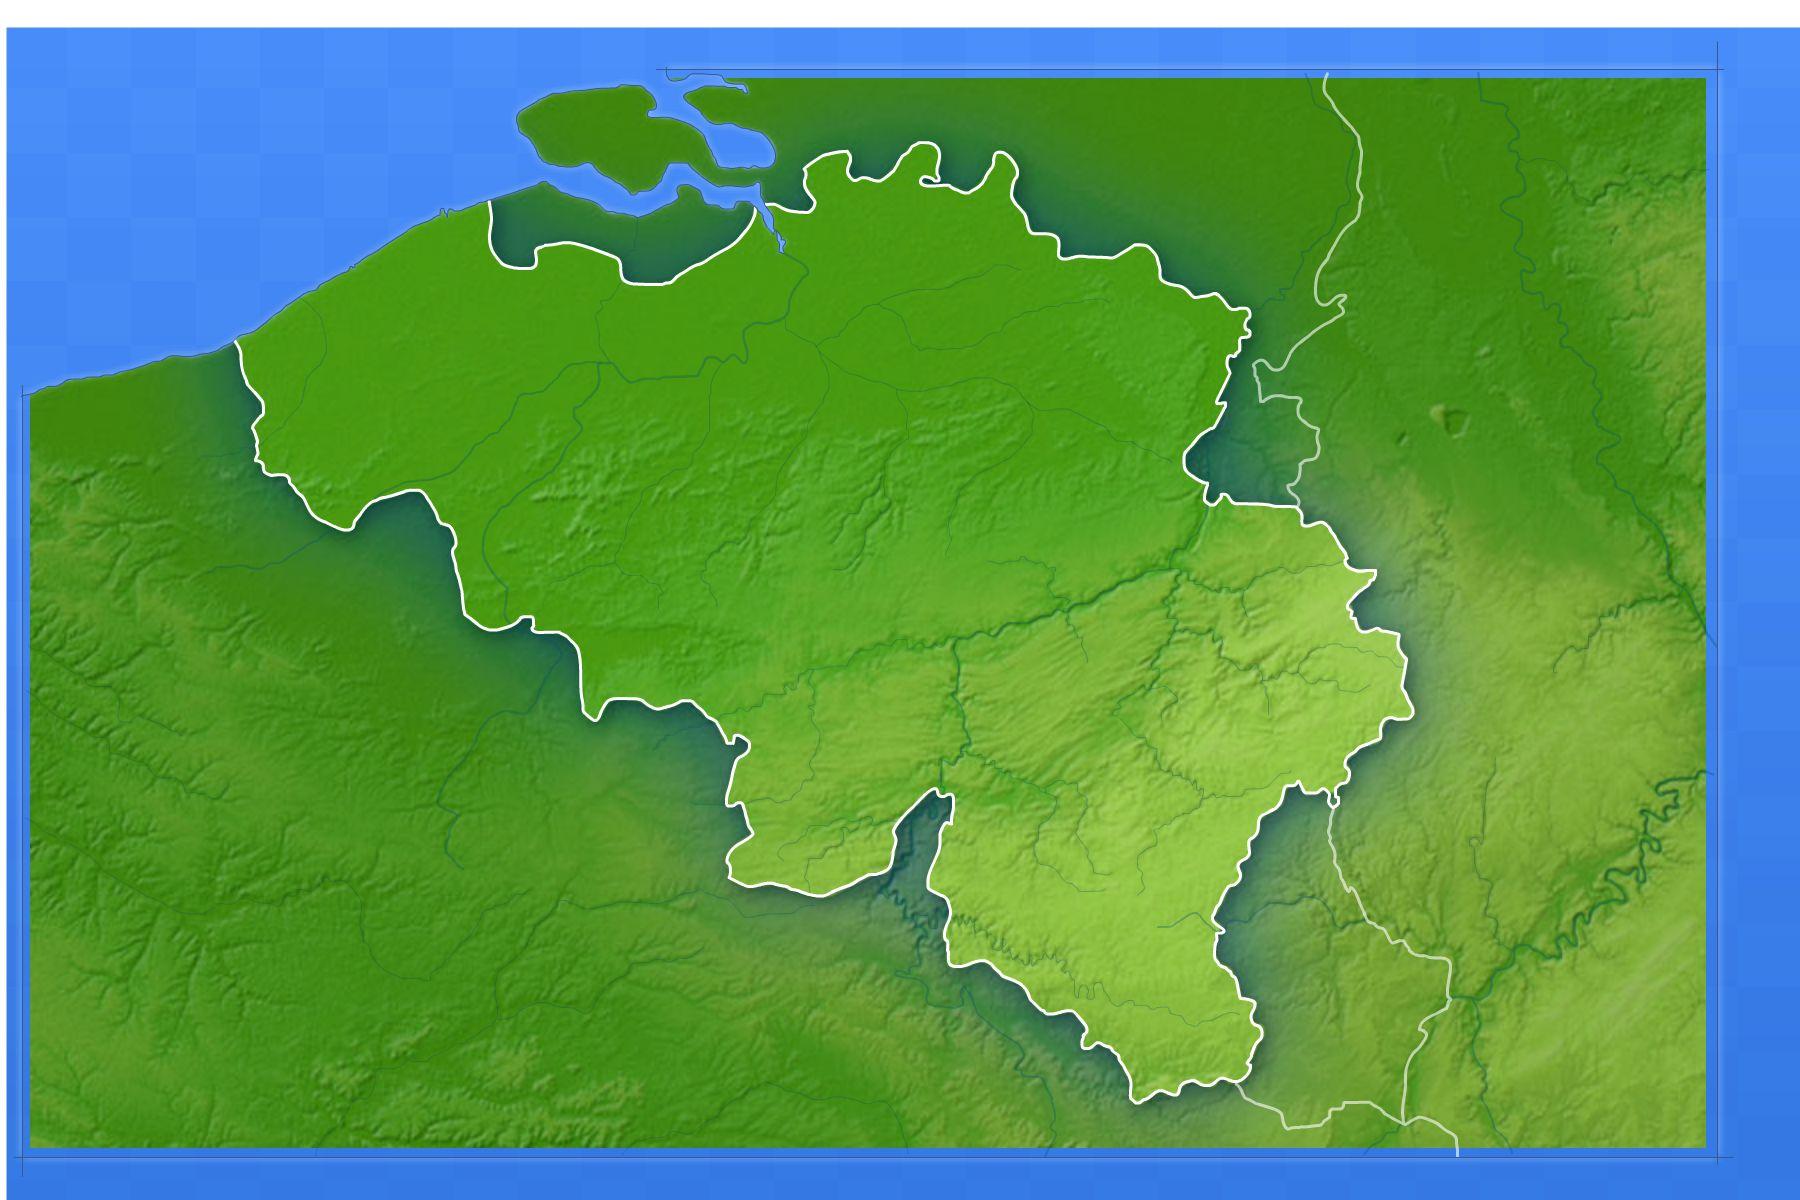 Jeux-Geographiques Jeux Gratuits Jeu Villes De Belgique dedans Jeux De Geographie